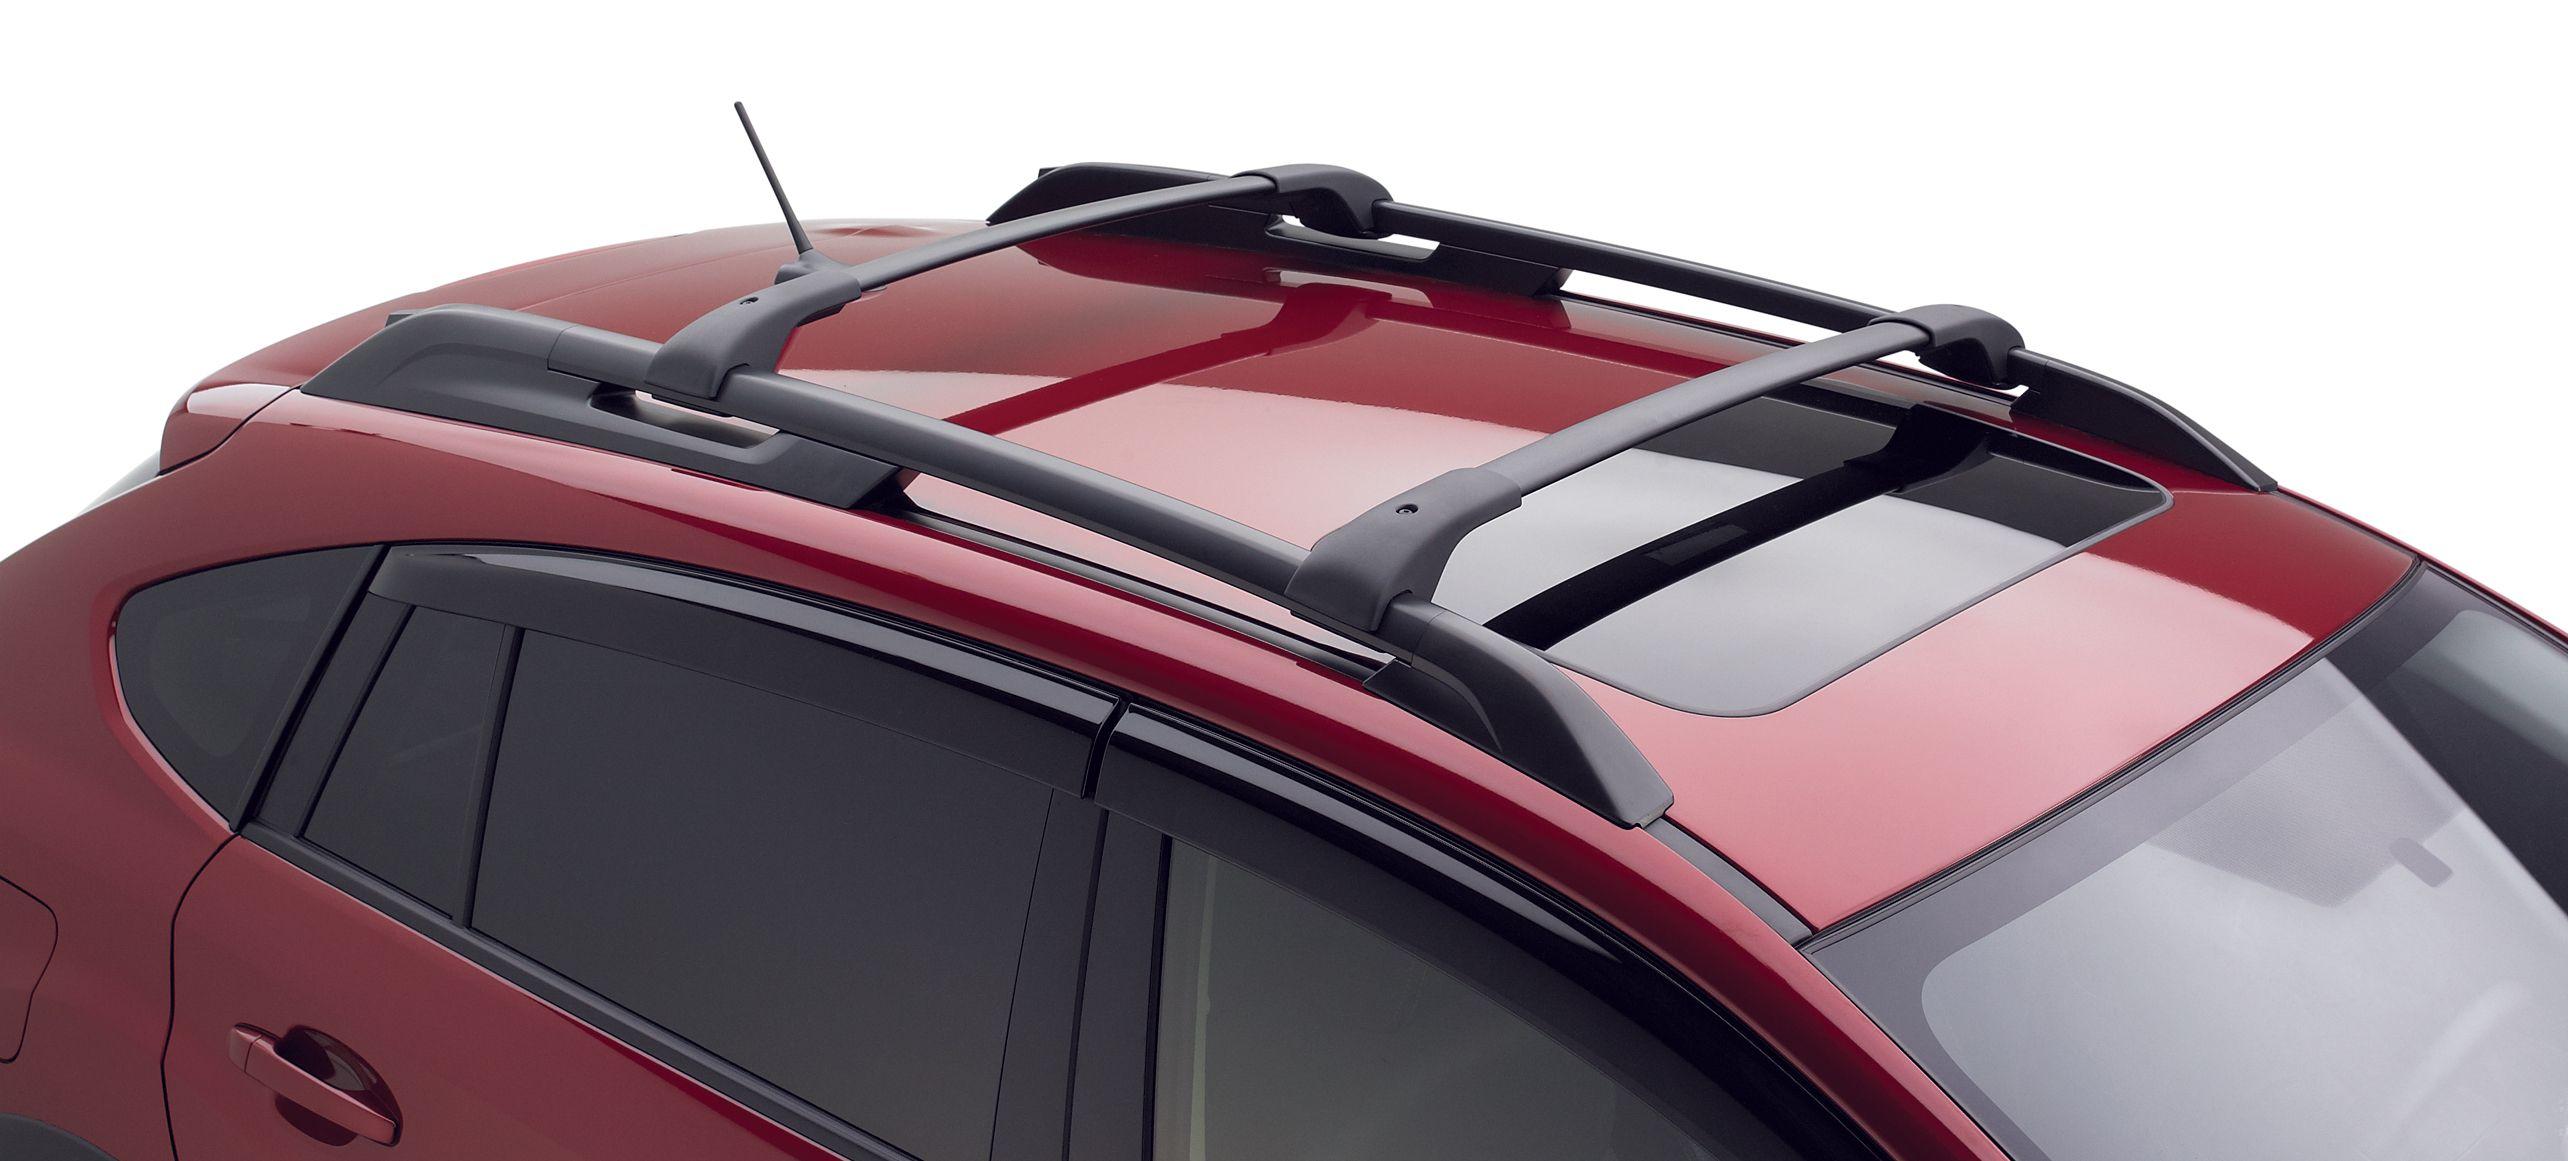 Xv Crosstrek Aero Roof Cross Bar Kit 2013 Car Stuff